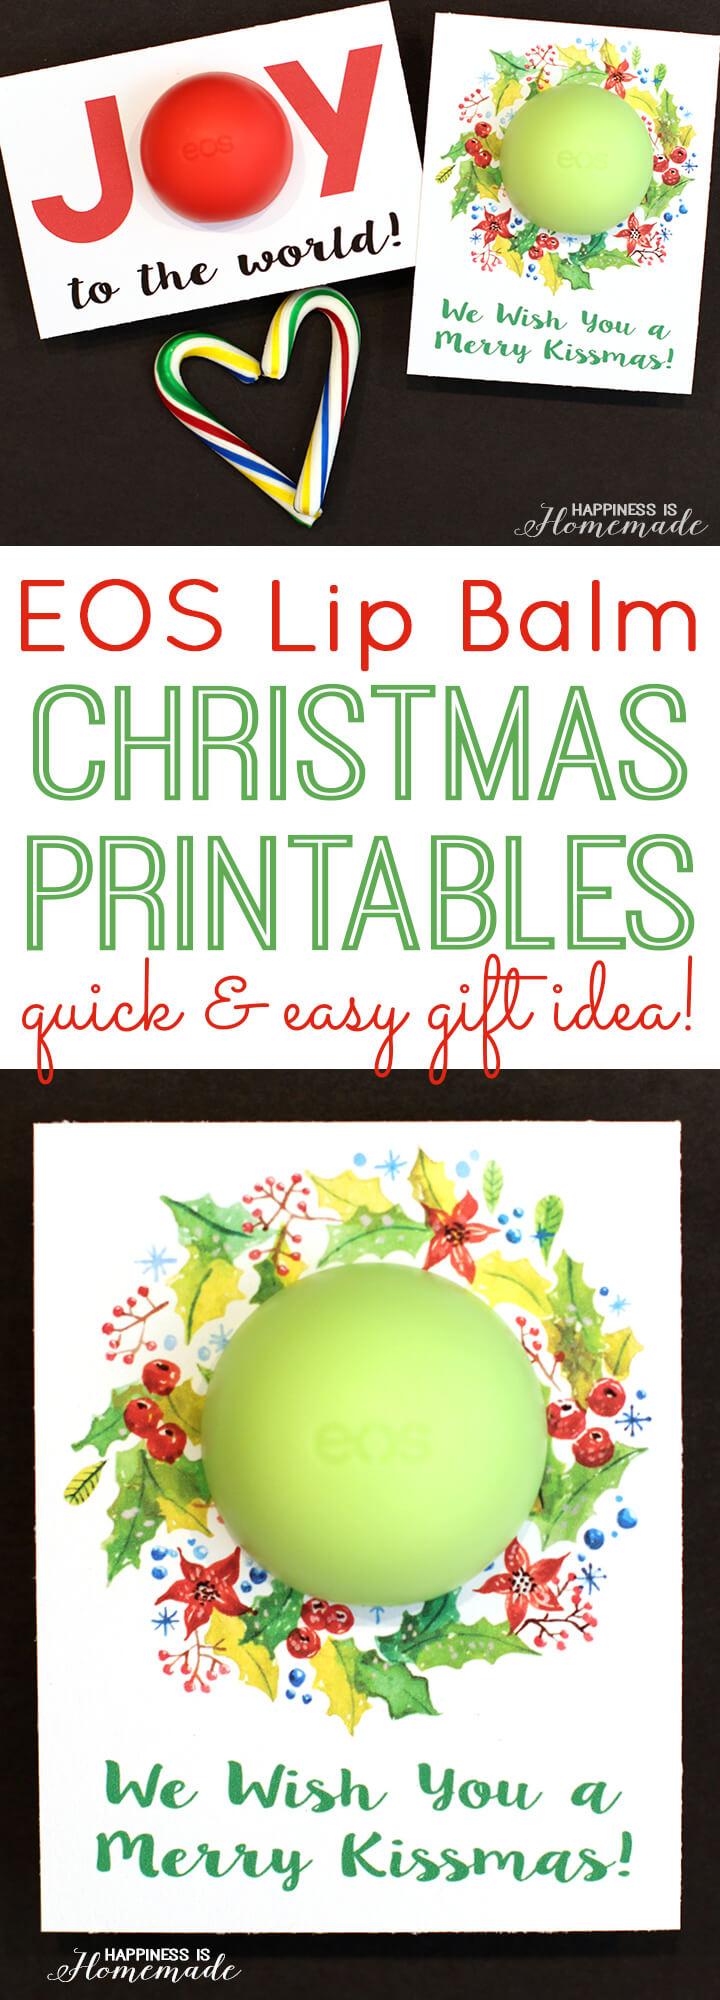 EOS Lip Balm Christmas Printables Gift Idea